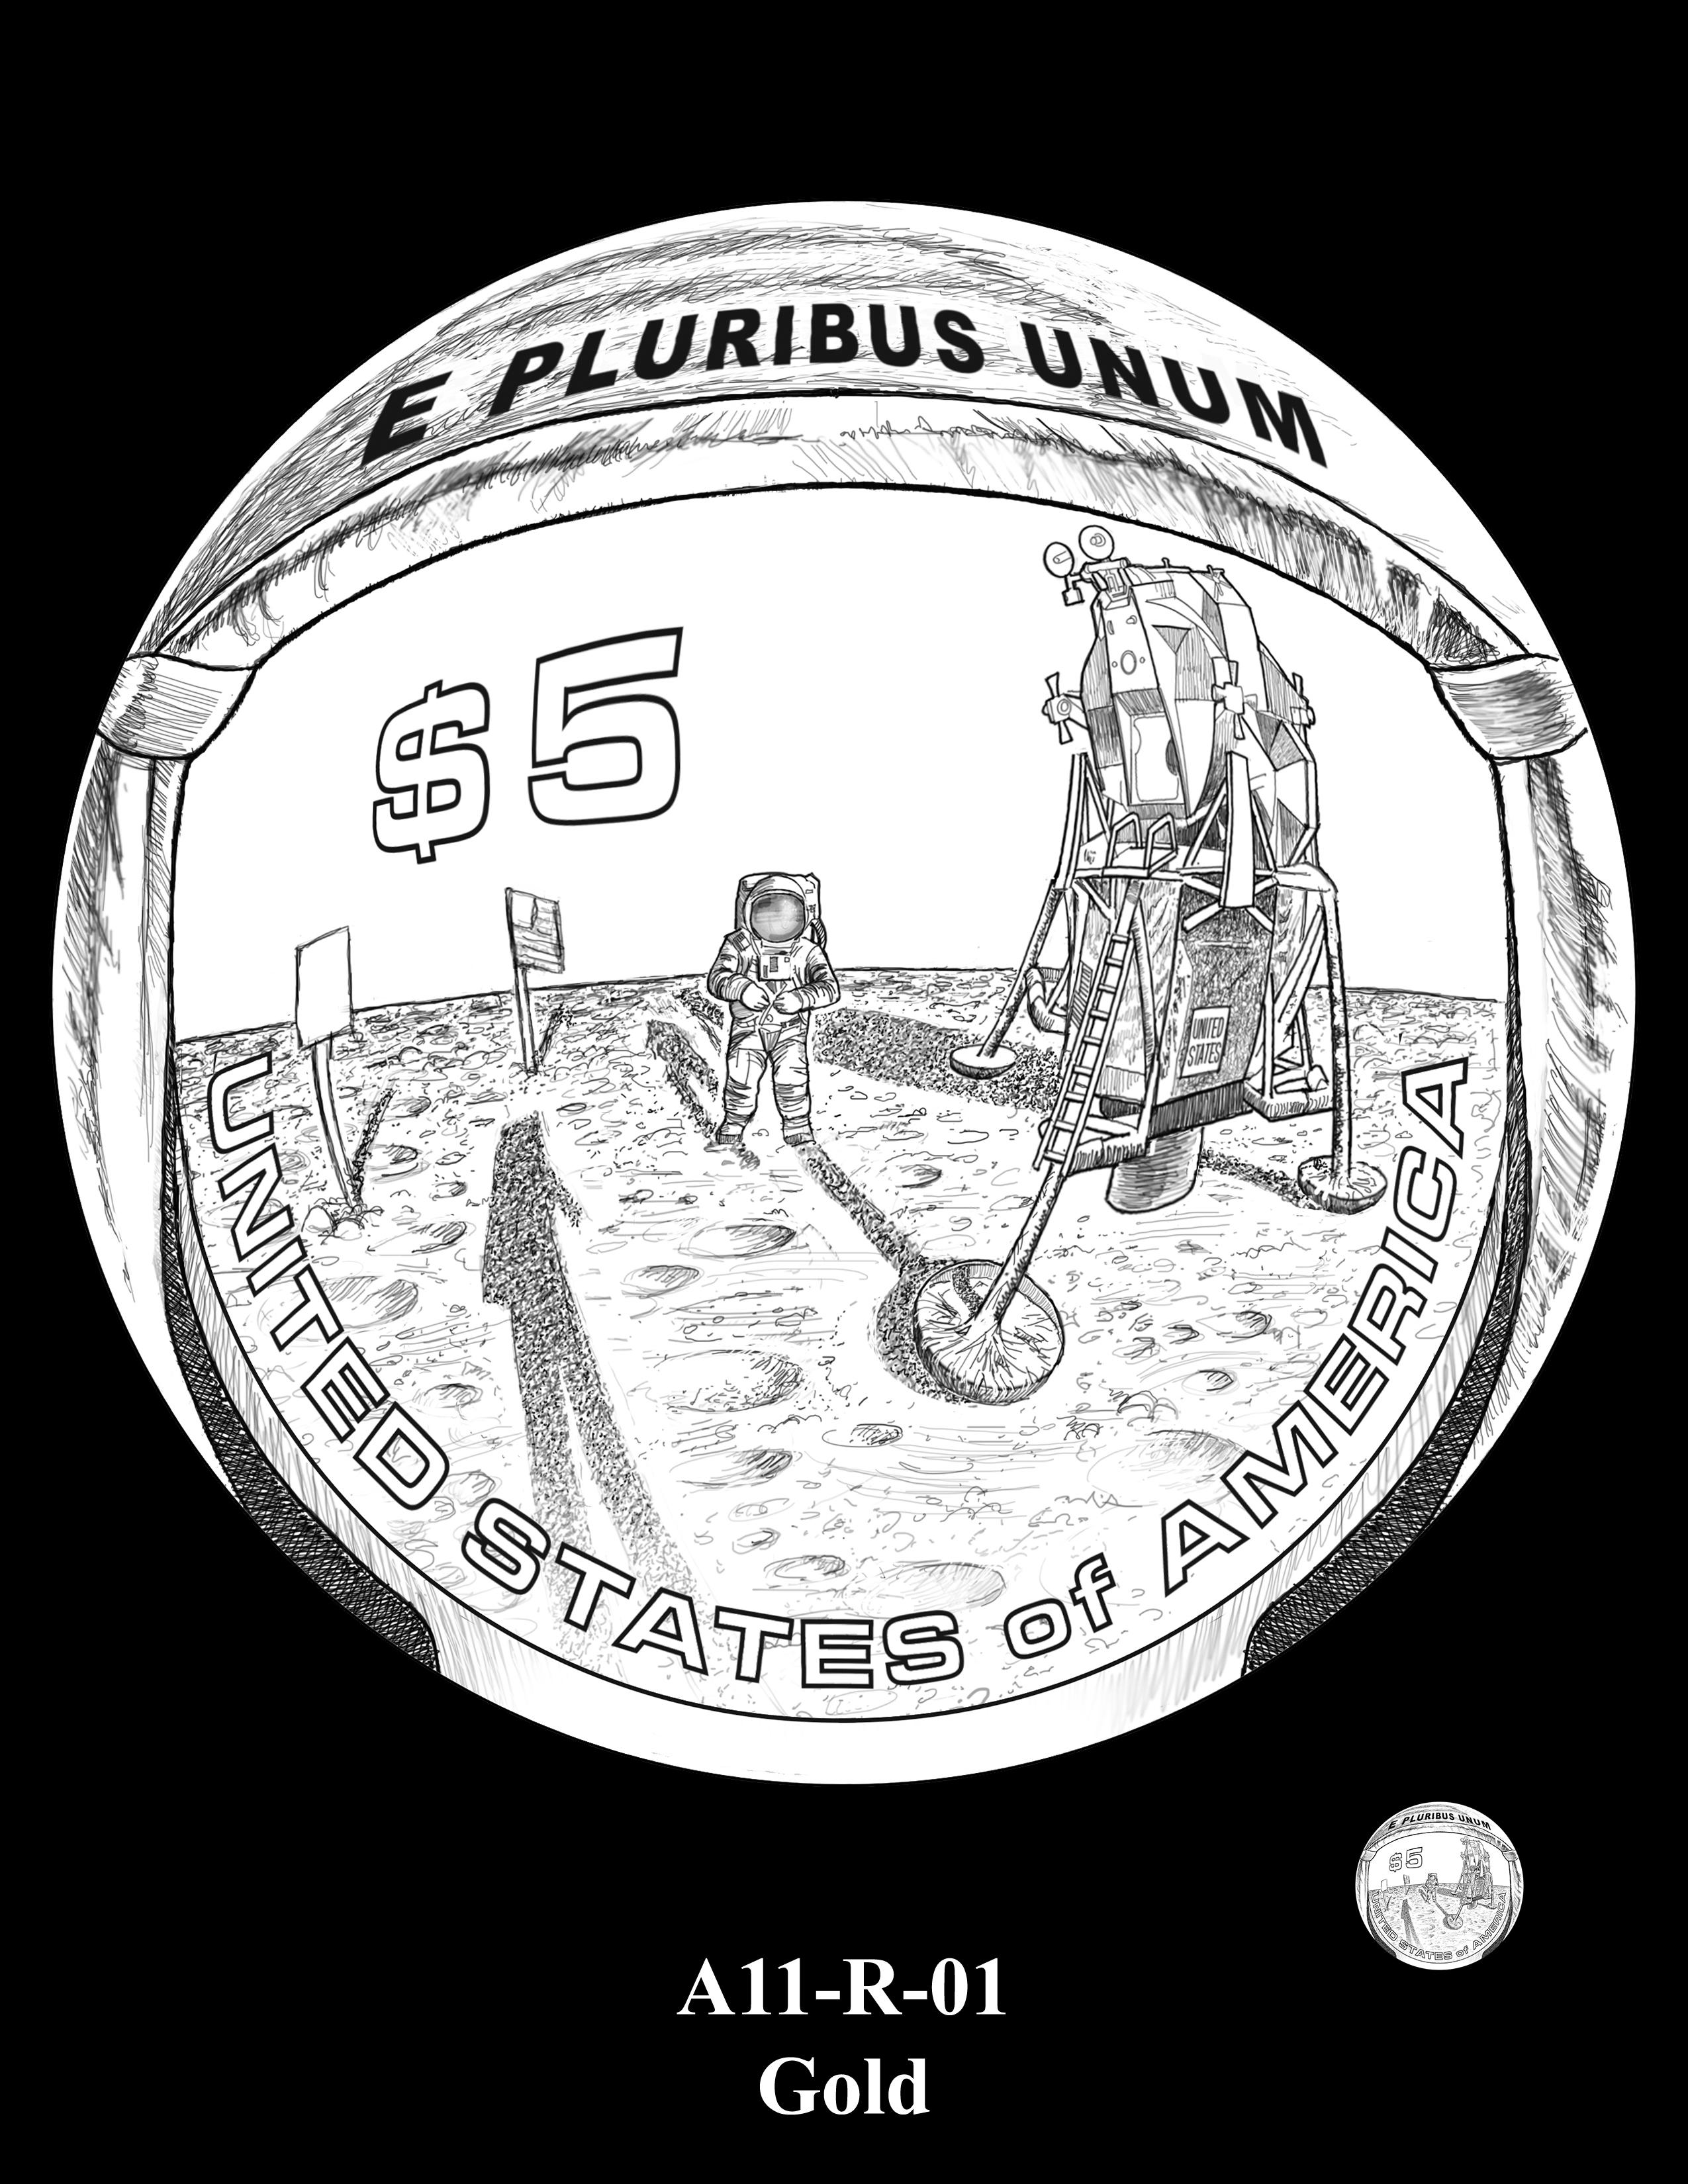 A11-R-01-GOLD -- 2019-Apollo 11 50th Anniversary Commemorative Coin